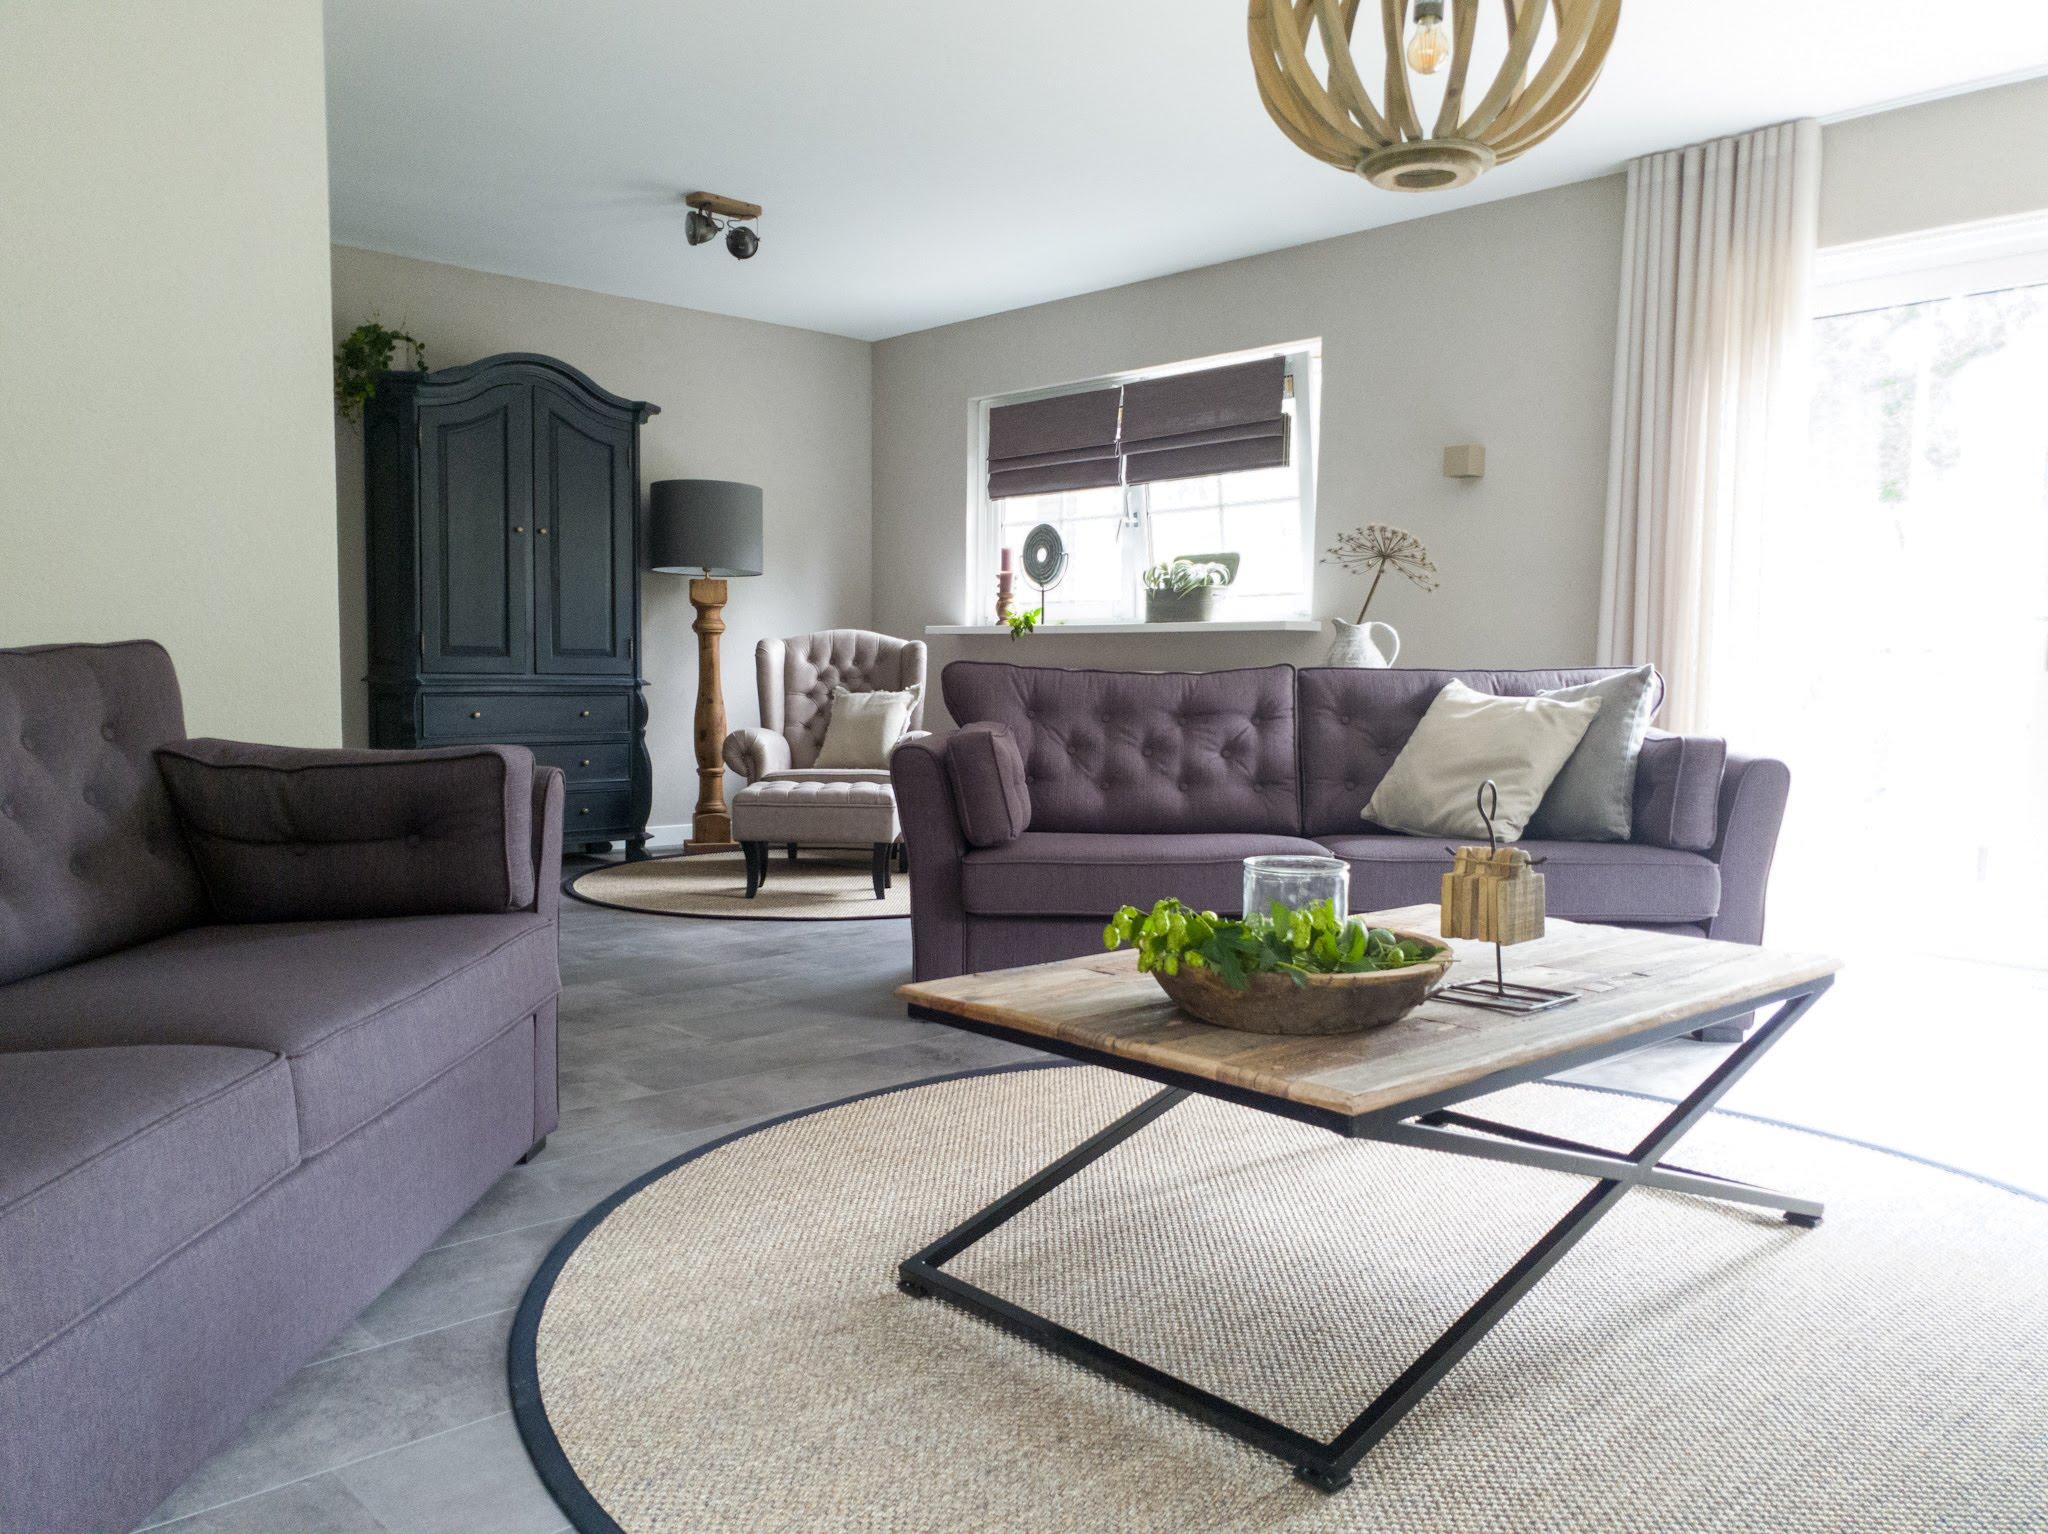 Landelijke herinrichting woonkamer keuken sandra's interieurstyling (2)